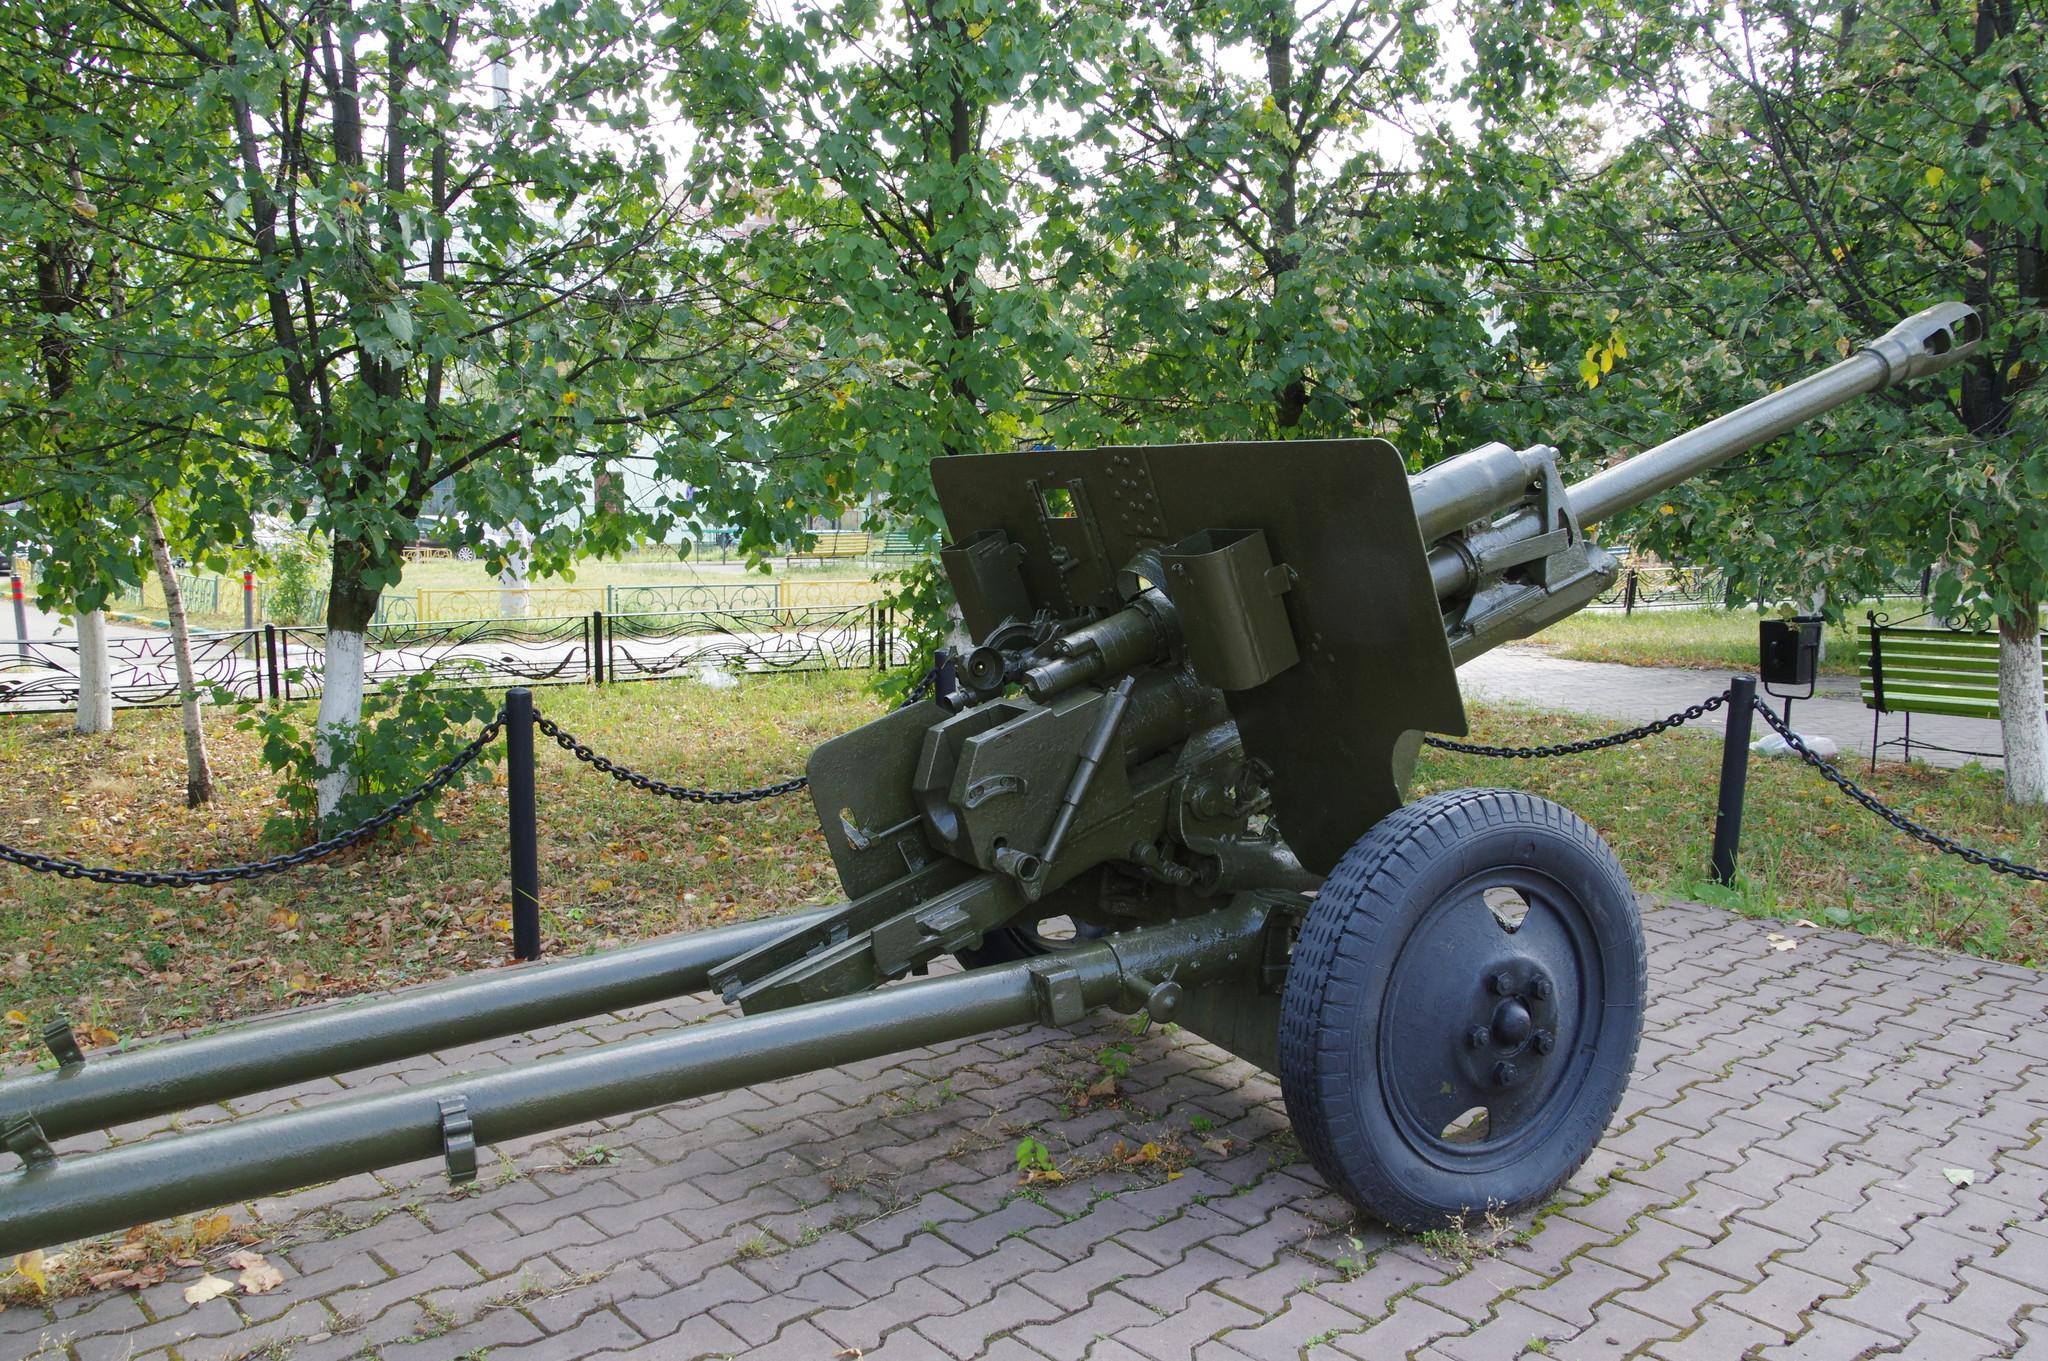 76-мм дивизионная пушка образца 1942 года (ЗИС-3). Московская область, город Краснознаменск. «Аллея Славы»